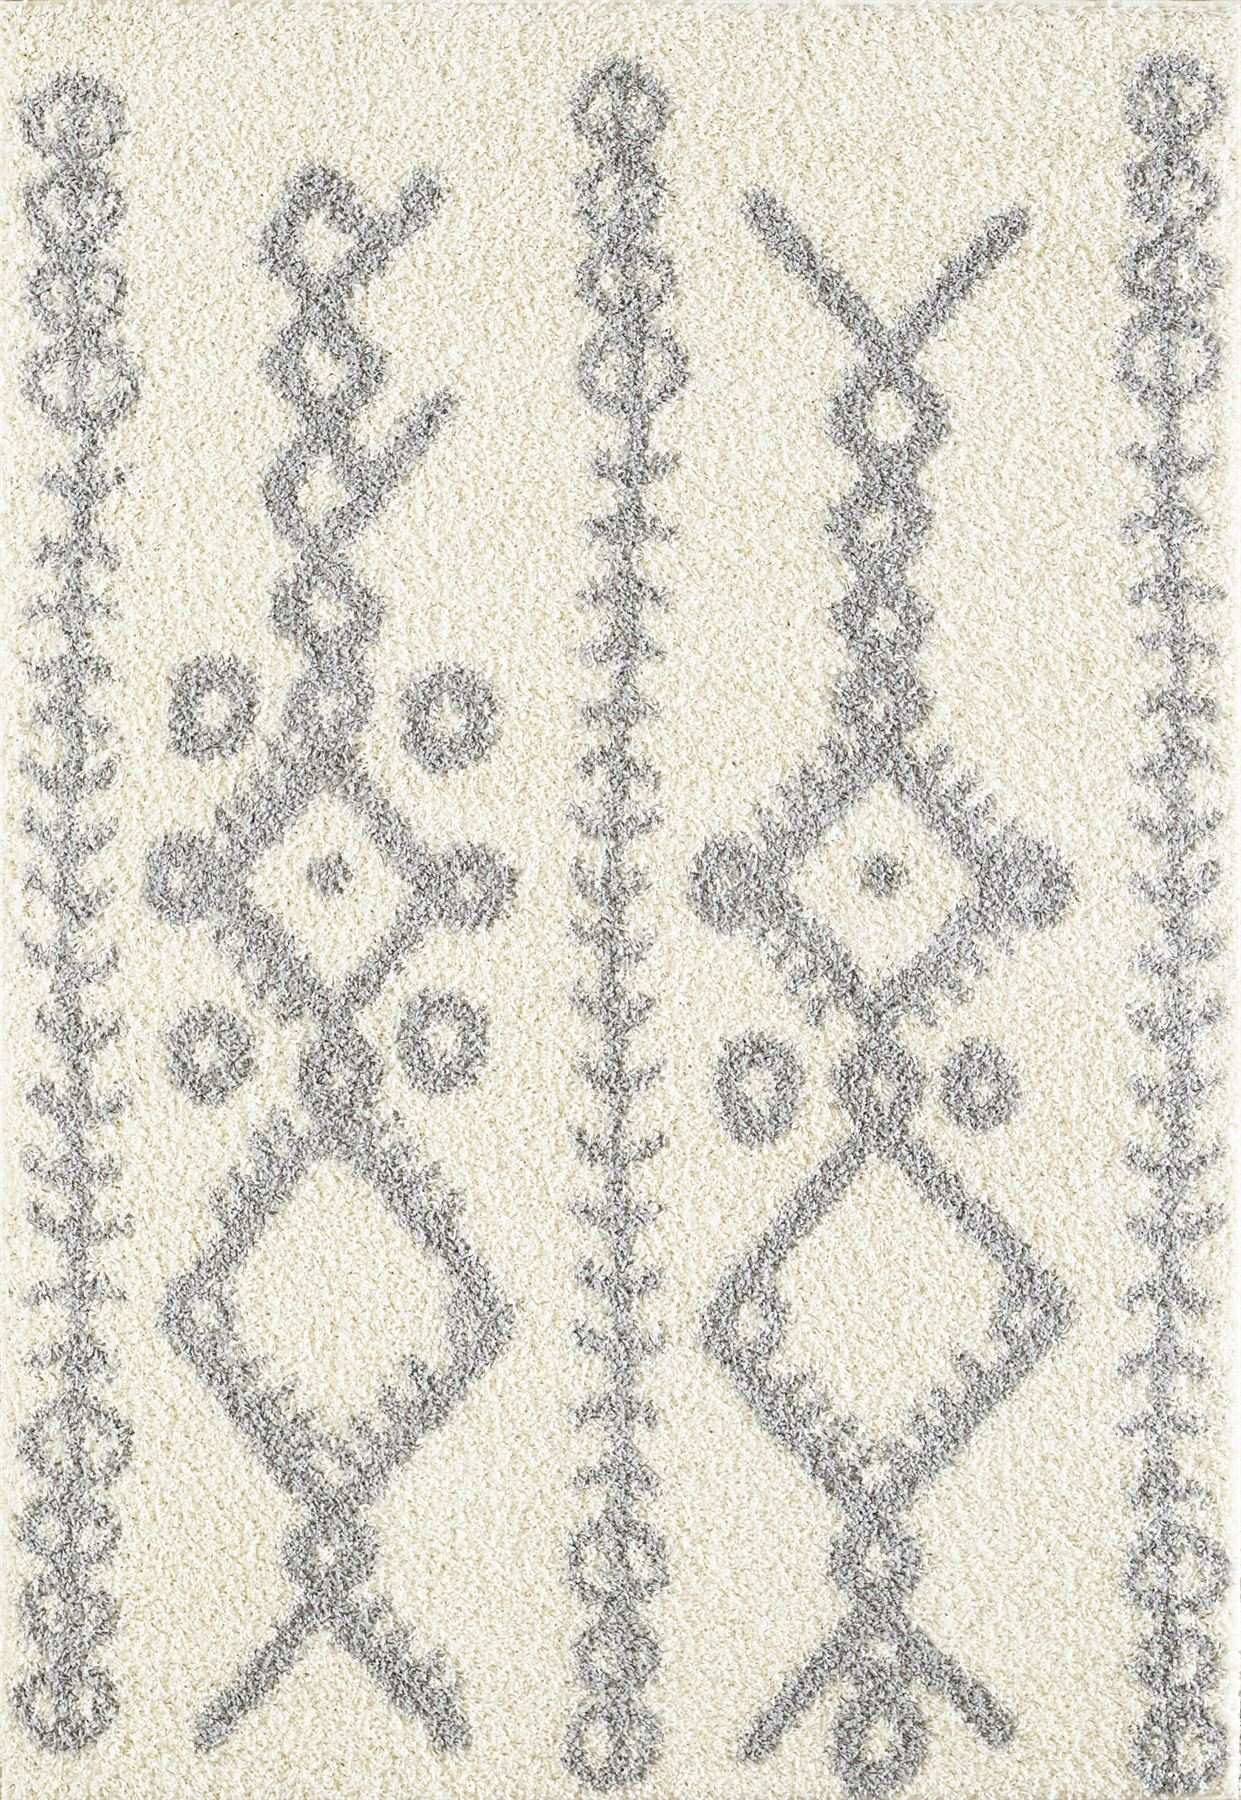 Tappeto-A2Z-Nero-Grigio-Avorio-tradizionale-marocchina-Shaggy-Berber-Boho-Tribal-3cm-Pile miniatura 18